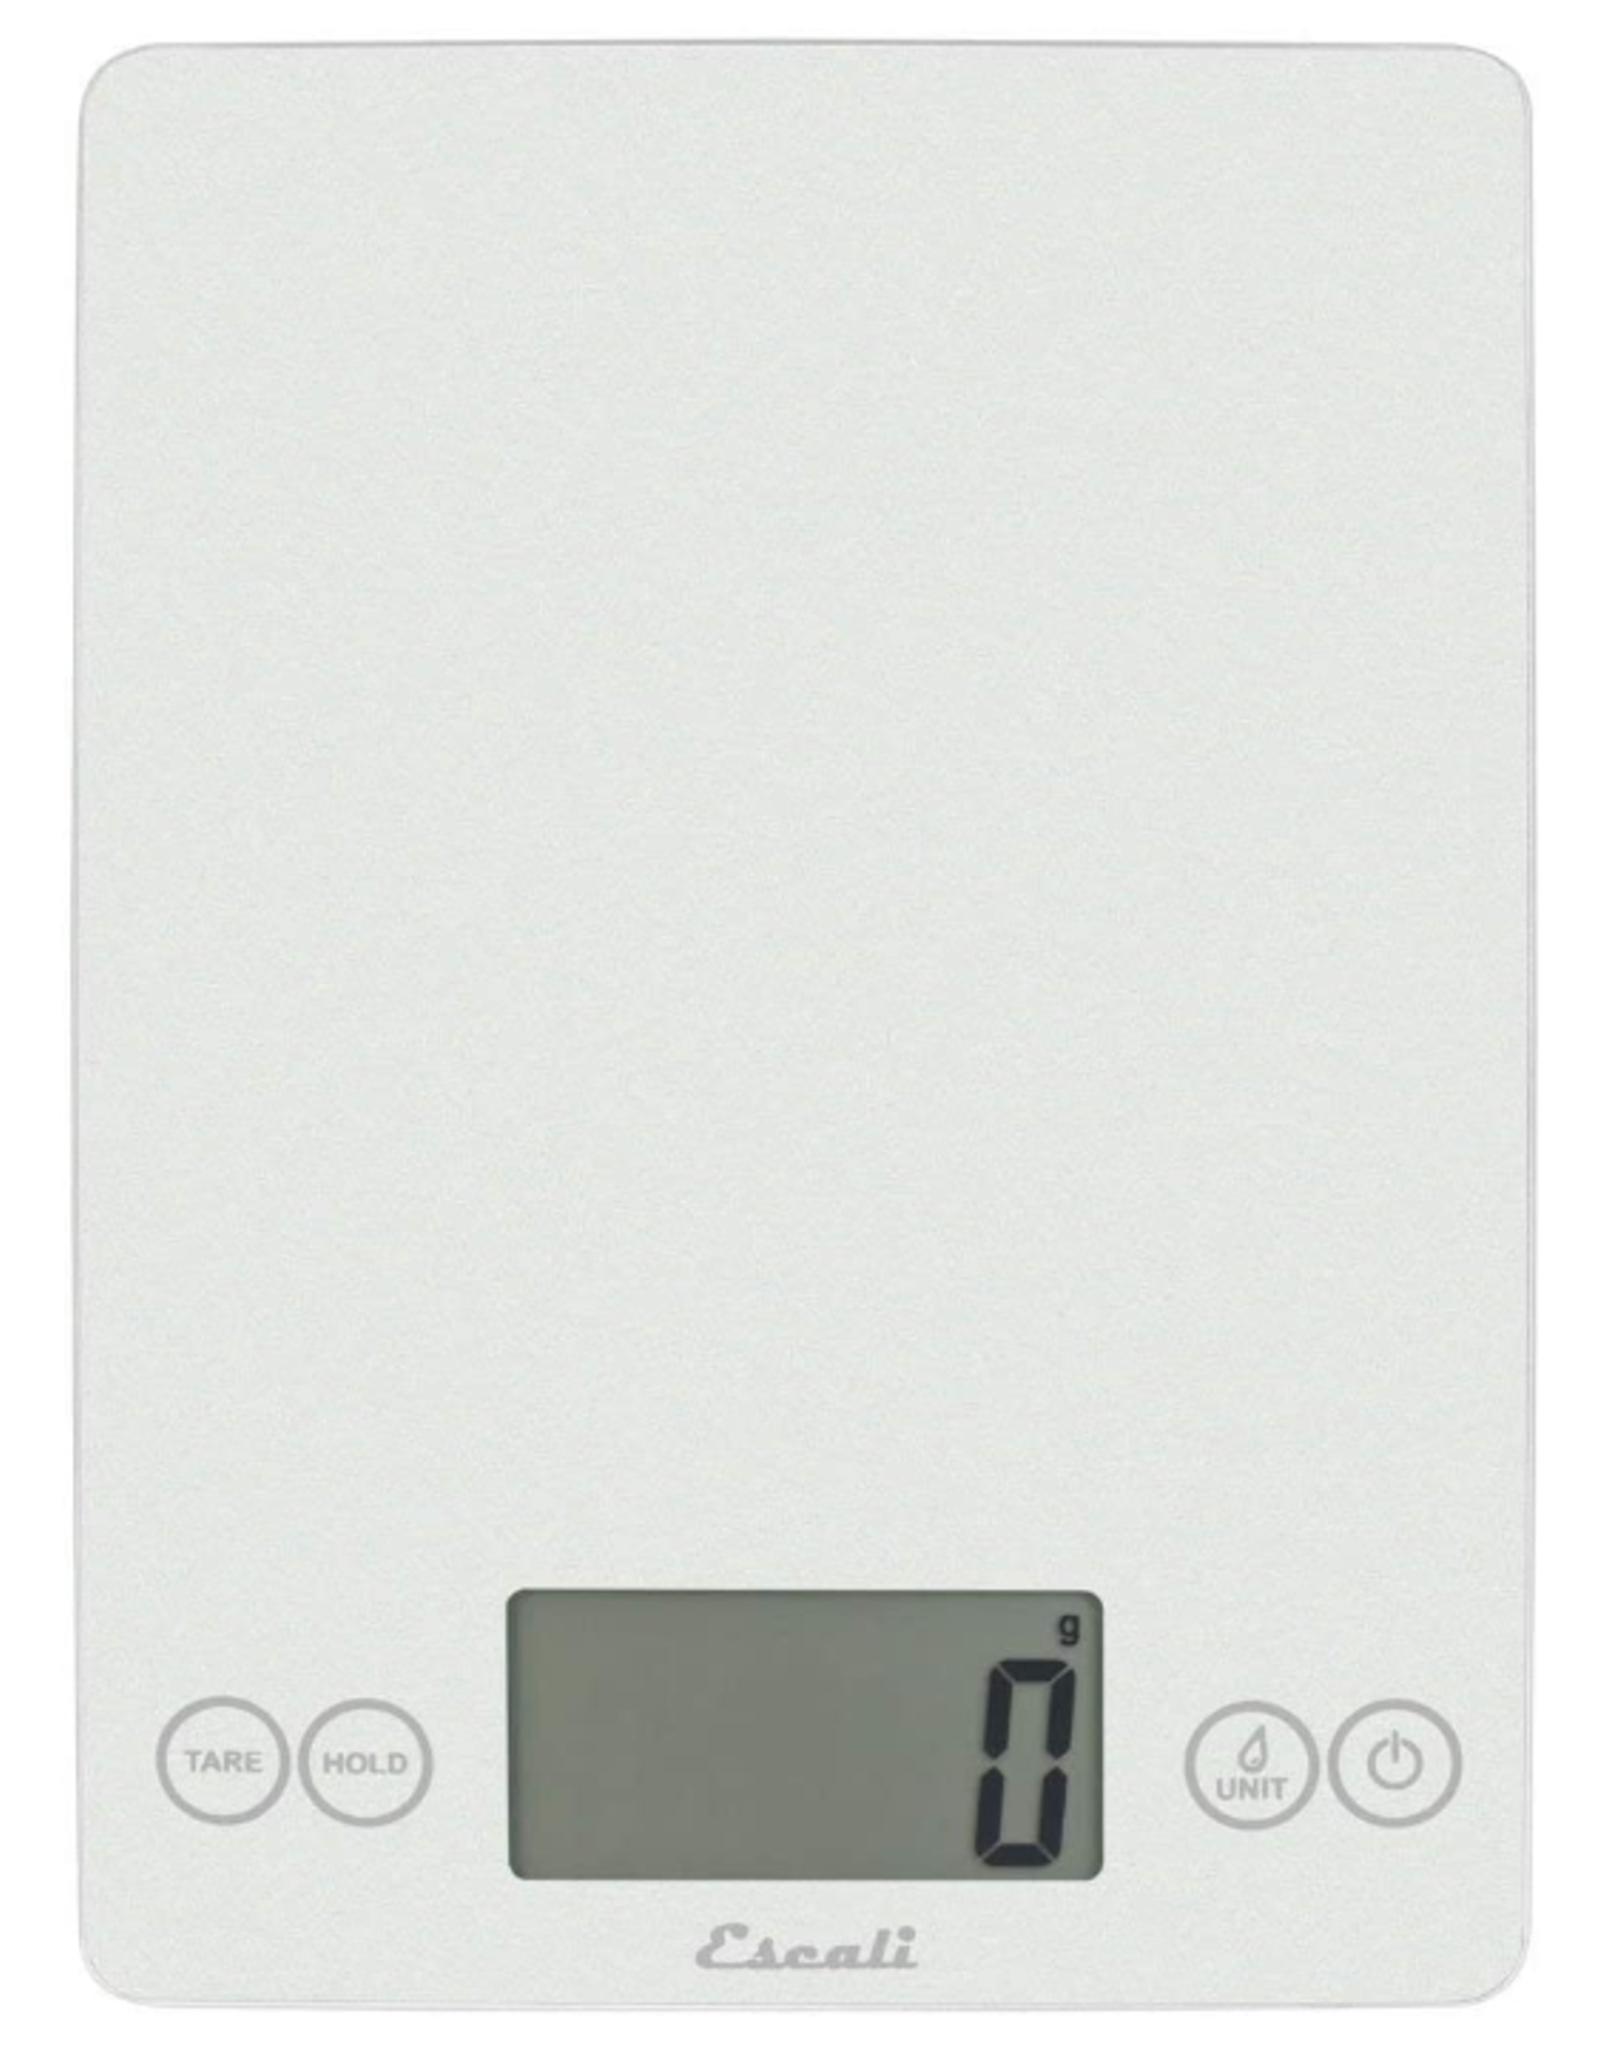 Escali Arti Glass Digital Scale, frost white